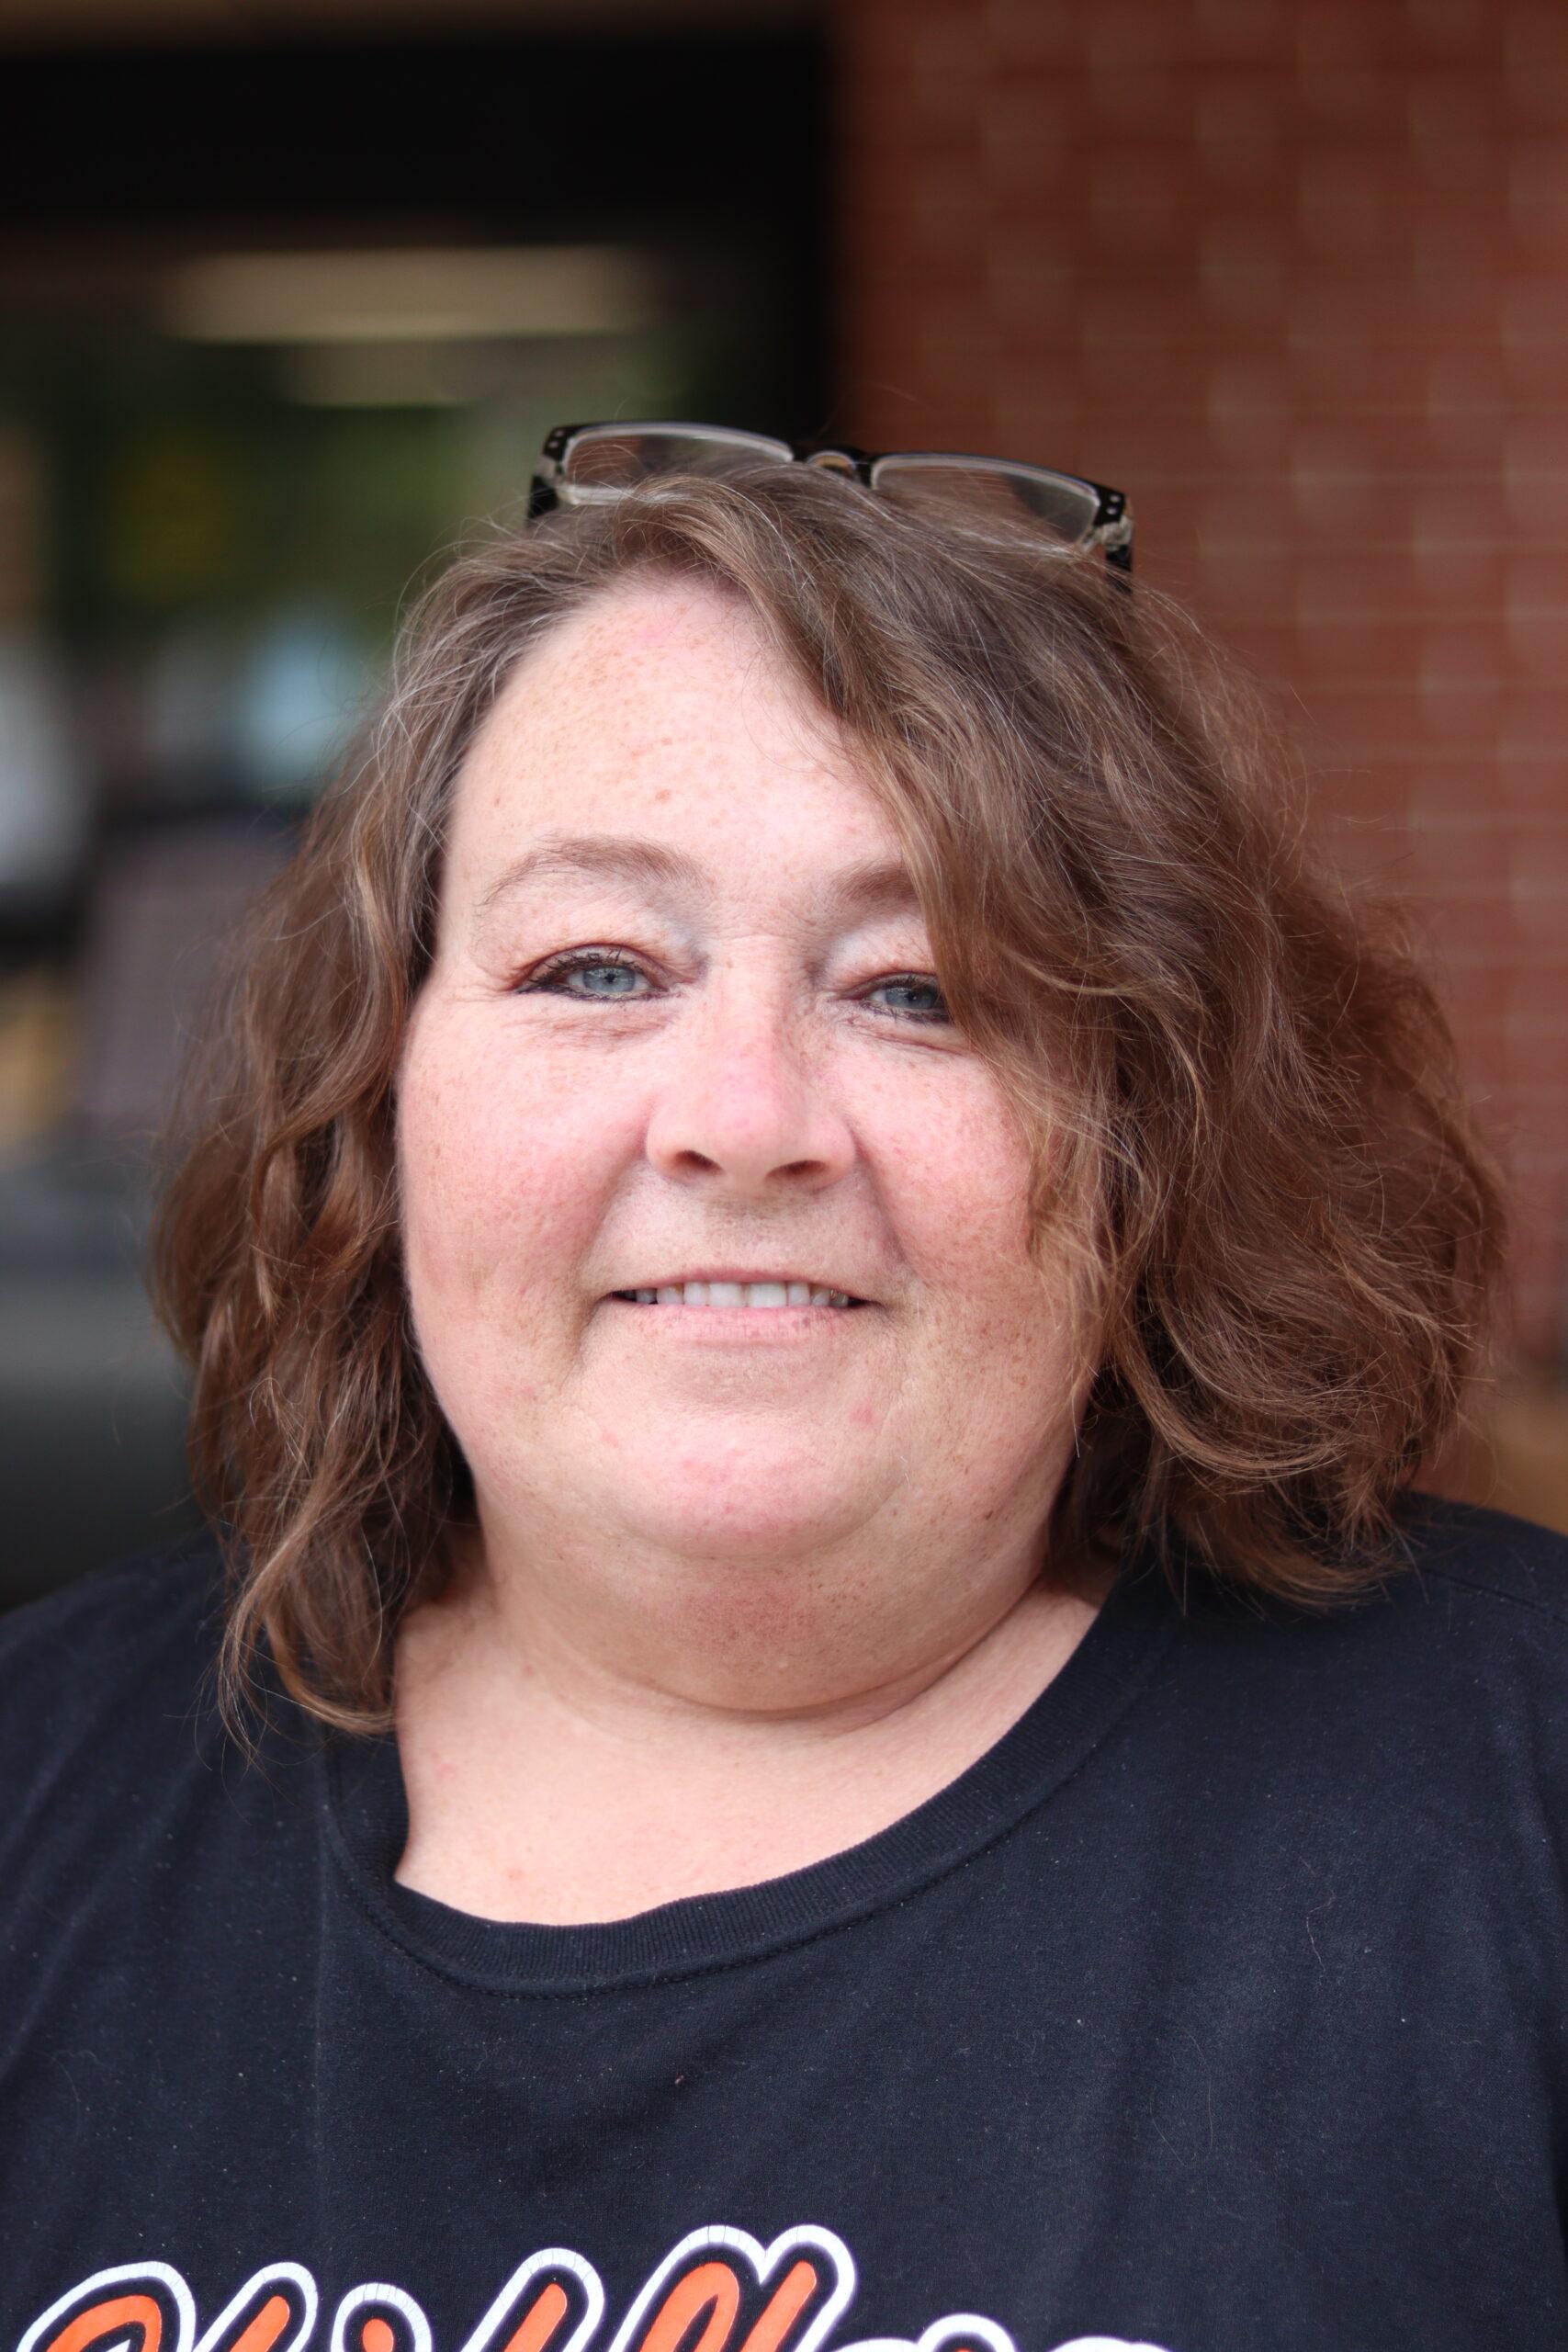 Tammy Meeker